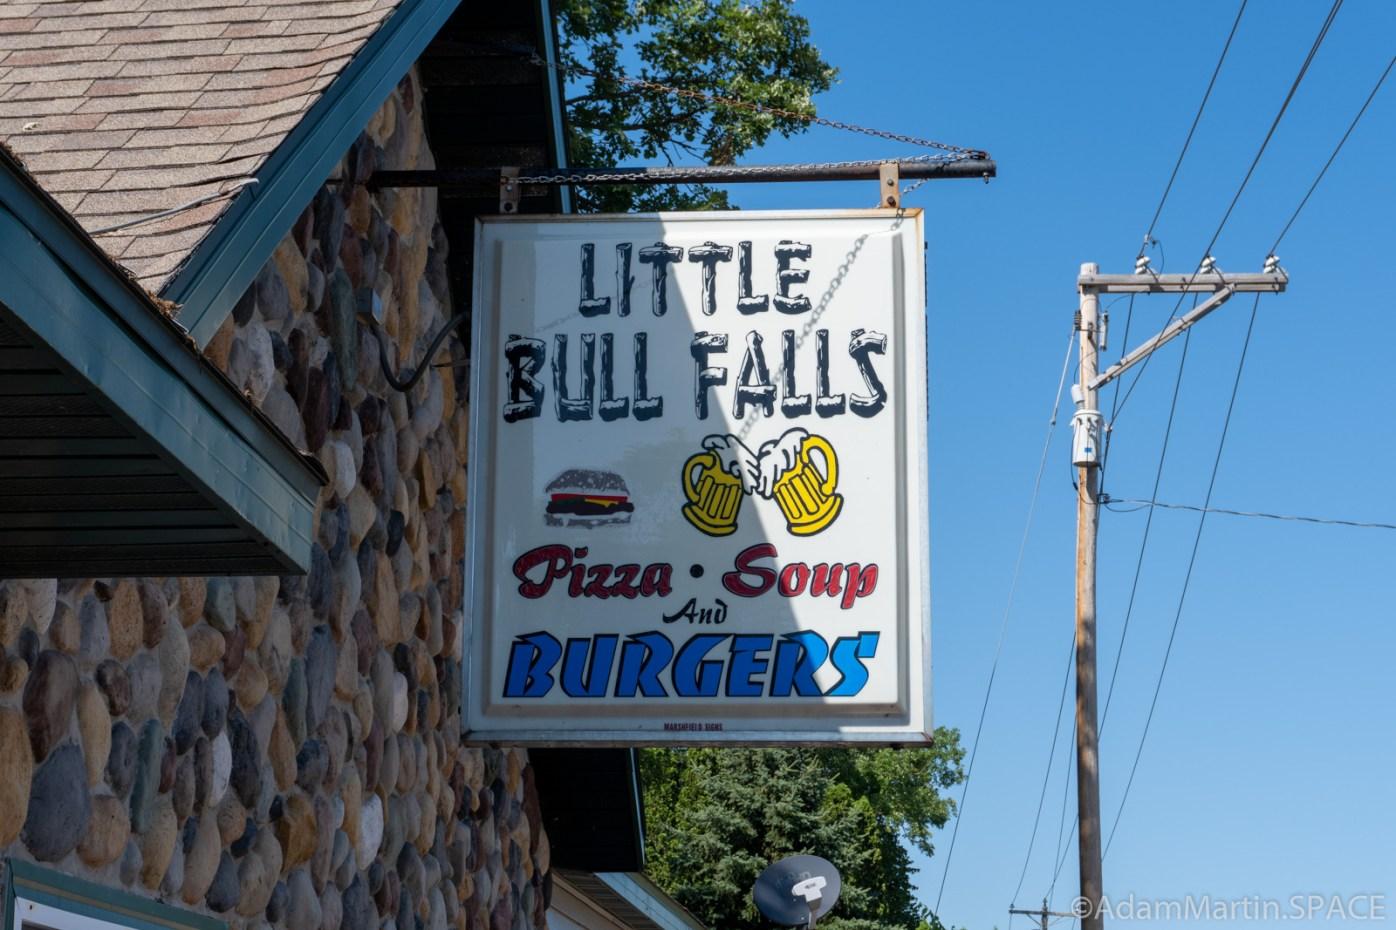 Little Bull Falls - Bar & Restaurant sign